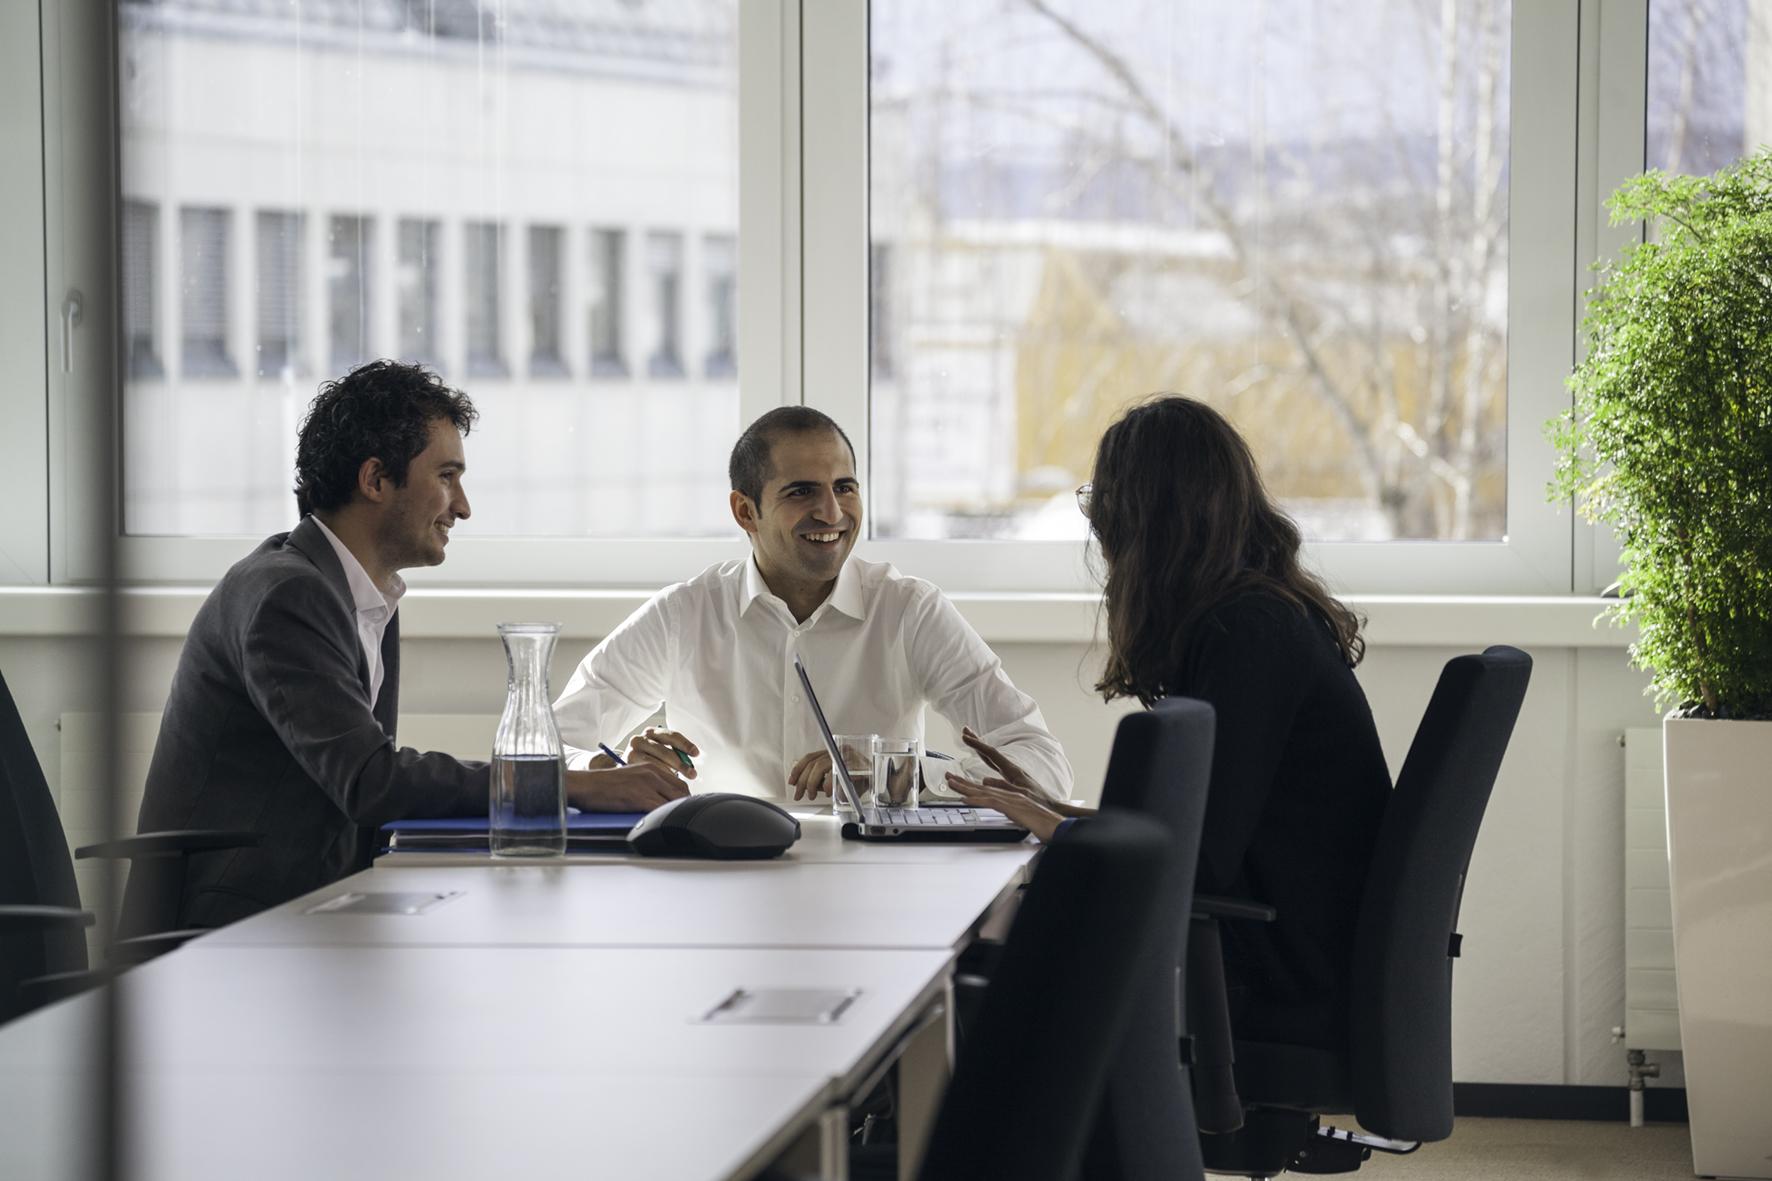 Adecco Group Employee Photo